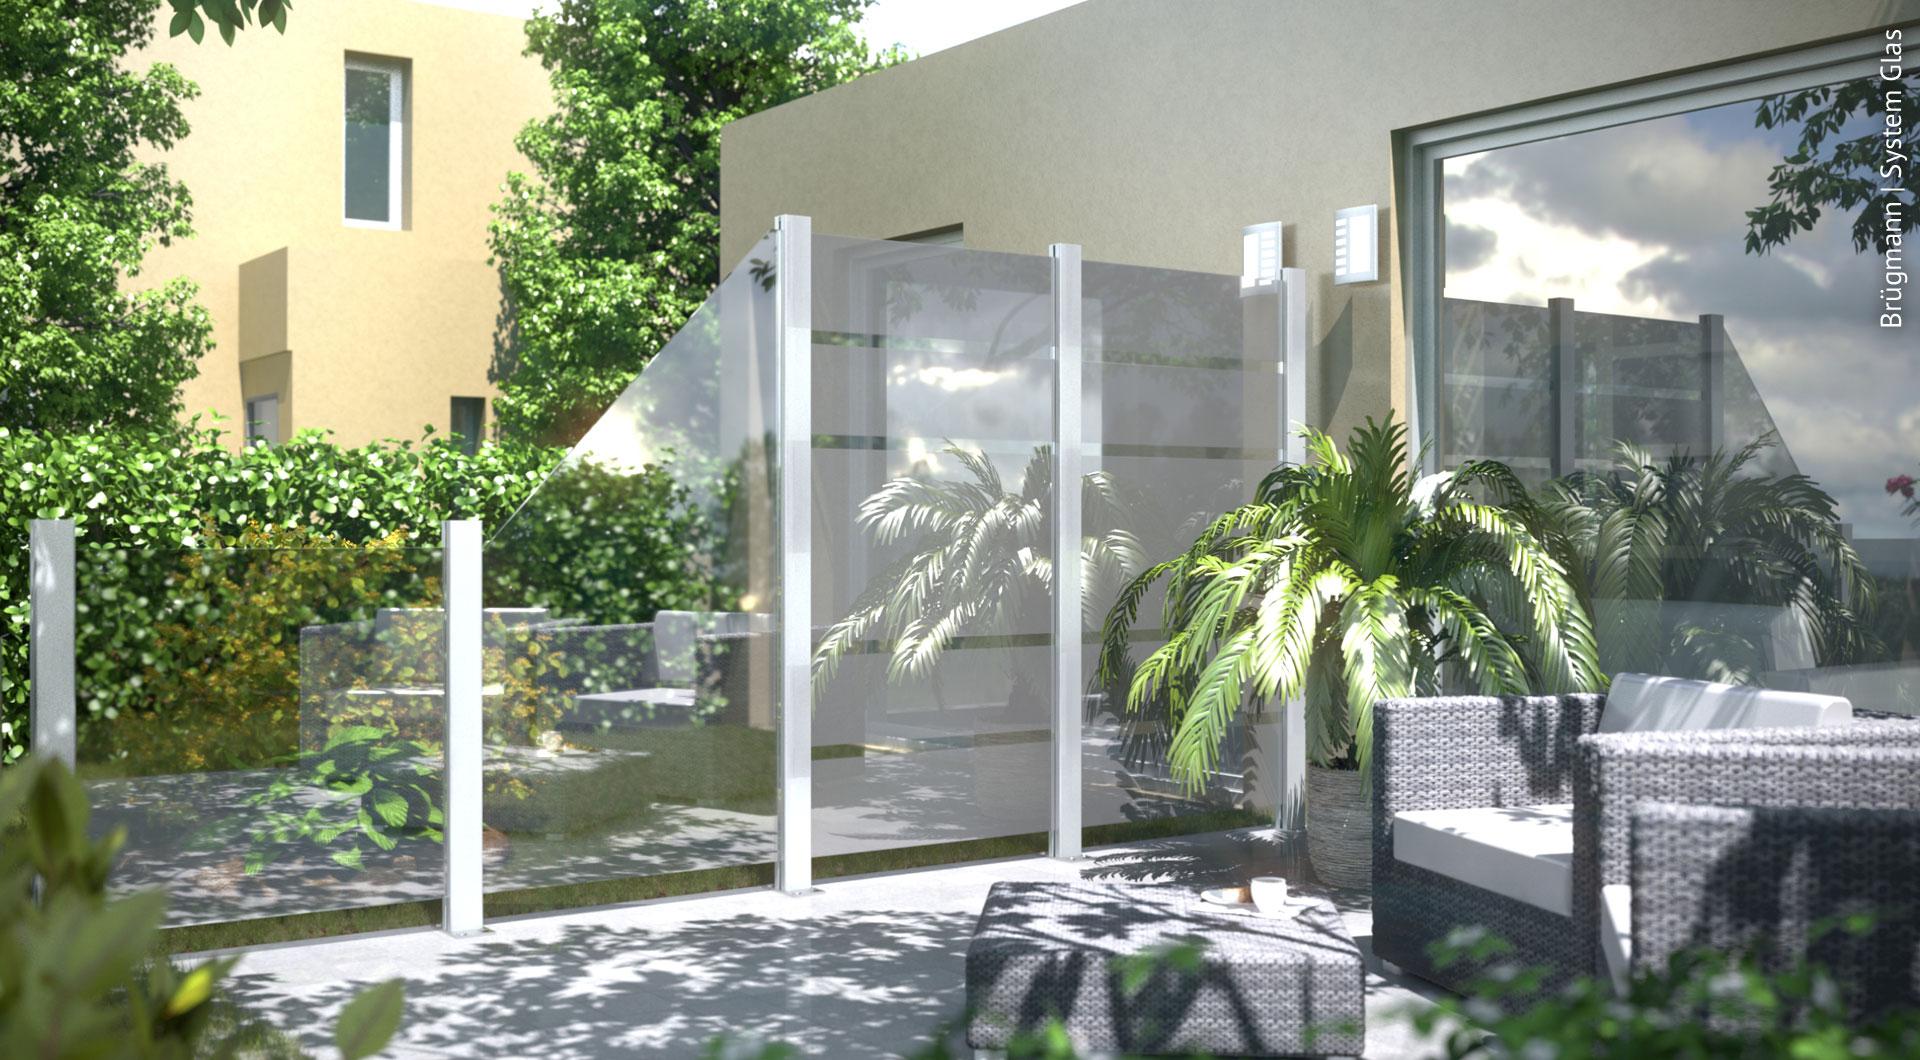 Full Size of Sichtschutz Garten Modern Glaszune Als Moderner Im Holz Roeren Gmbh Spielhaus Sichtschutzfolien Für Fenster Stapelstuhl Bewässerungssysteme Beistelltisch Wohnzimmer Sichtschutz Garten Modern